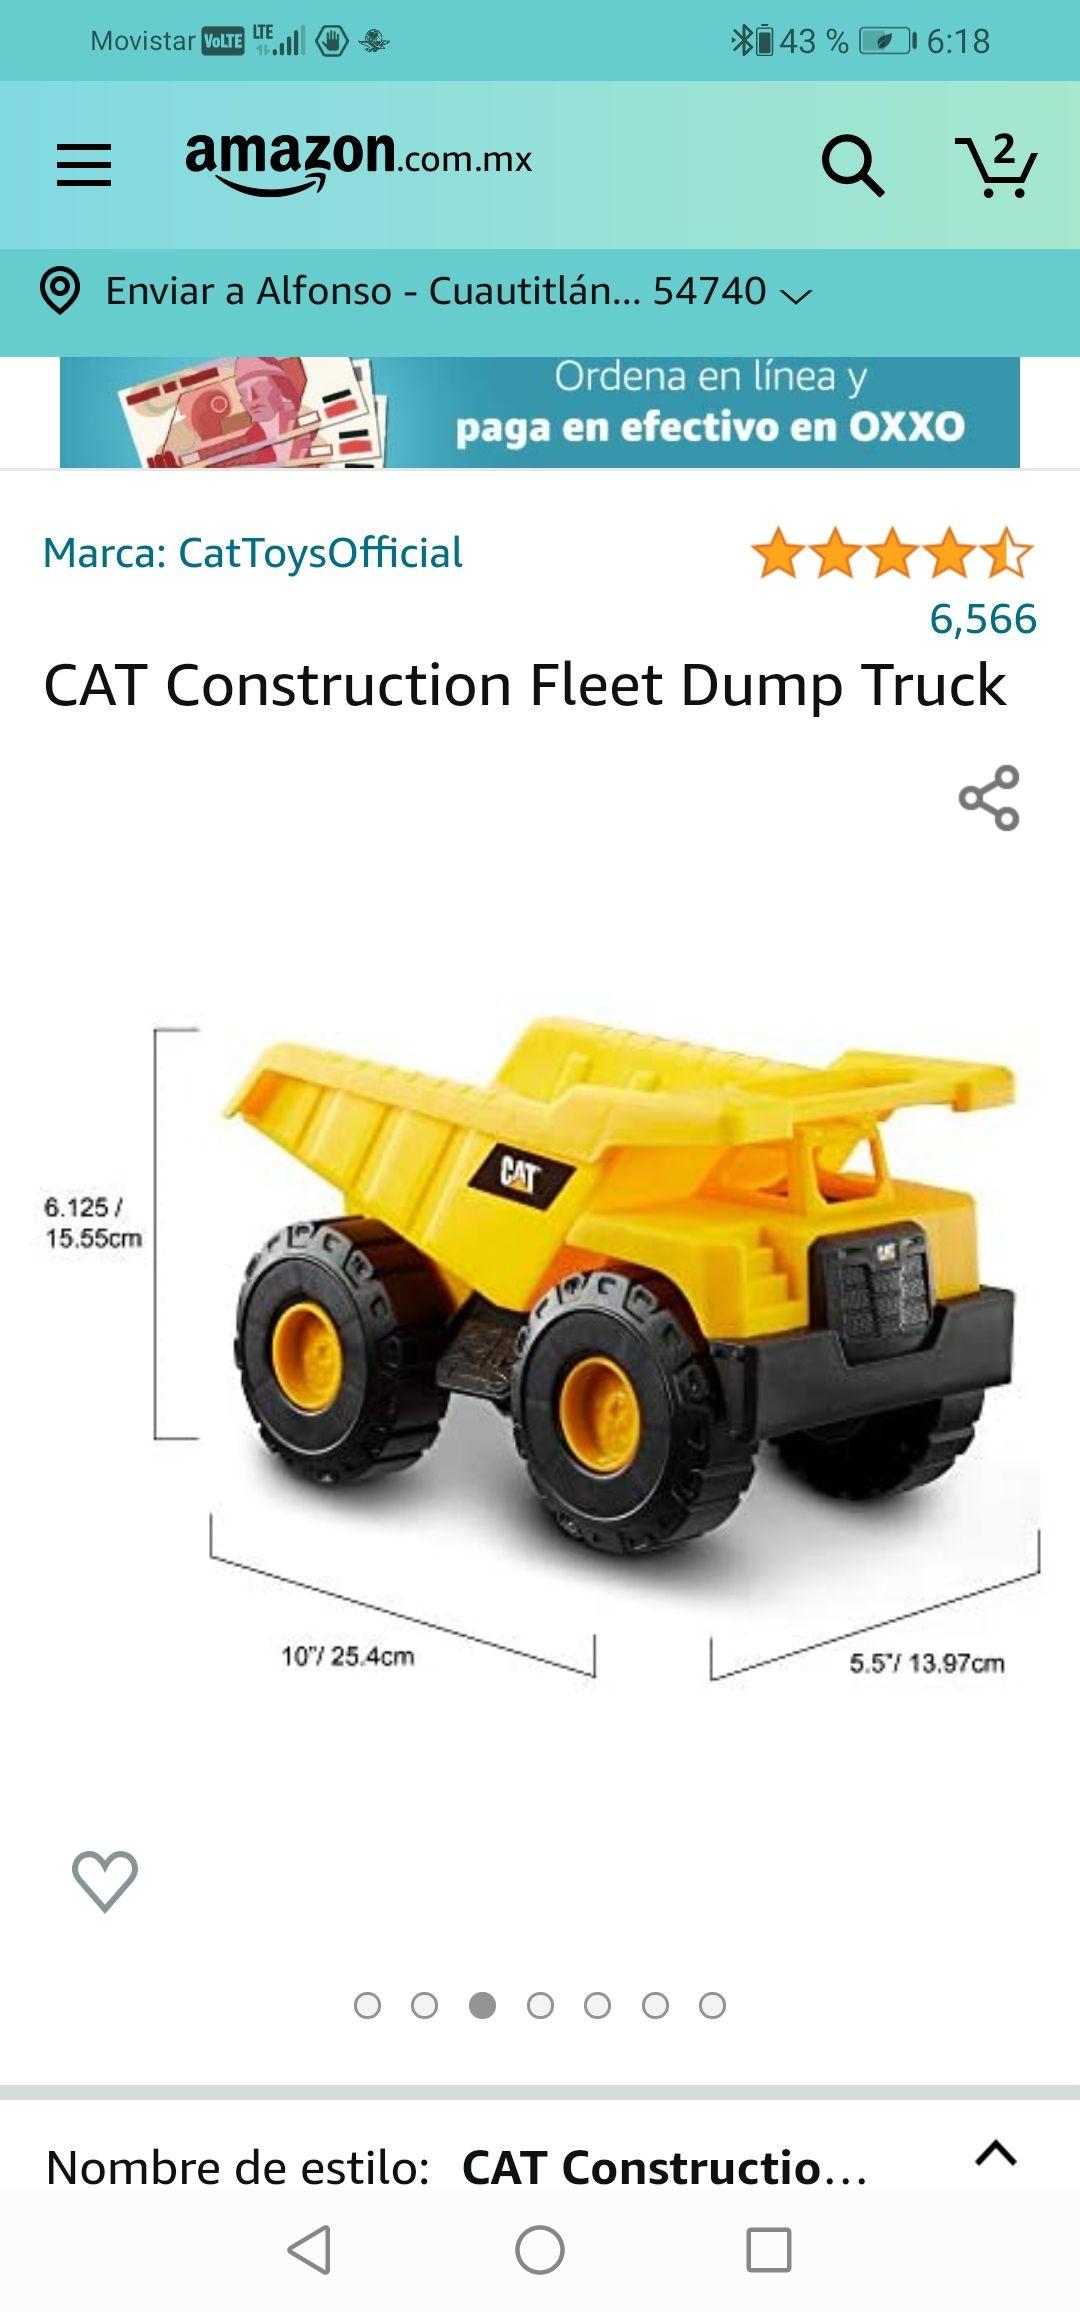 Amazon: CATConstruction Fleet Dump Truck